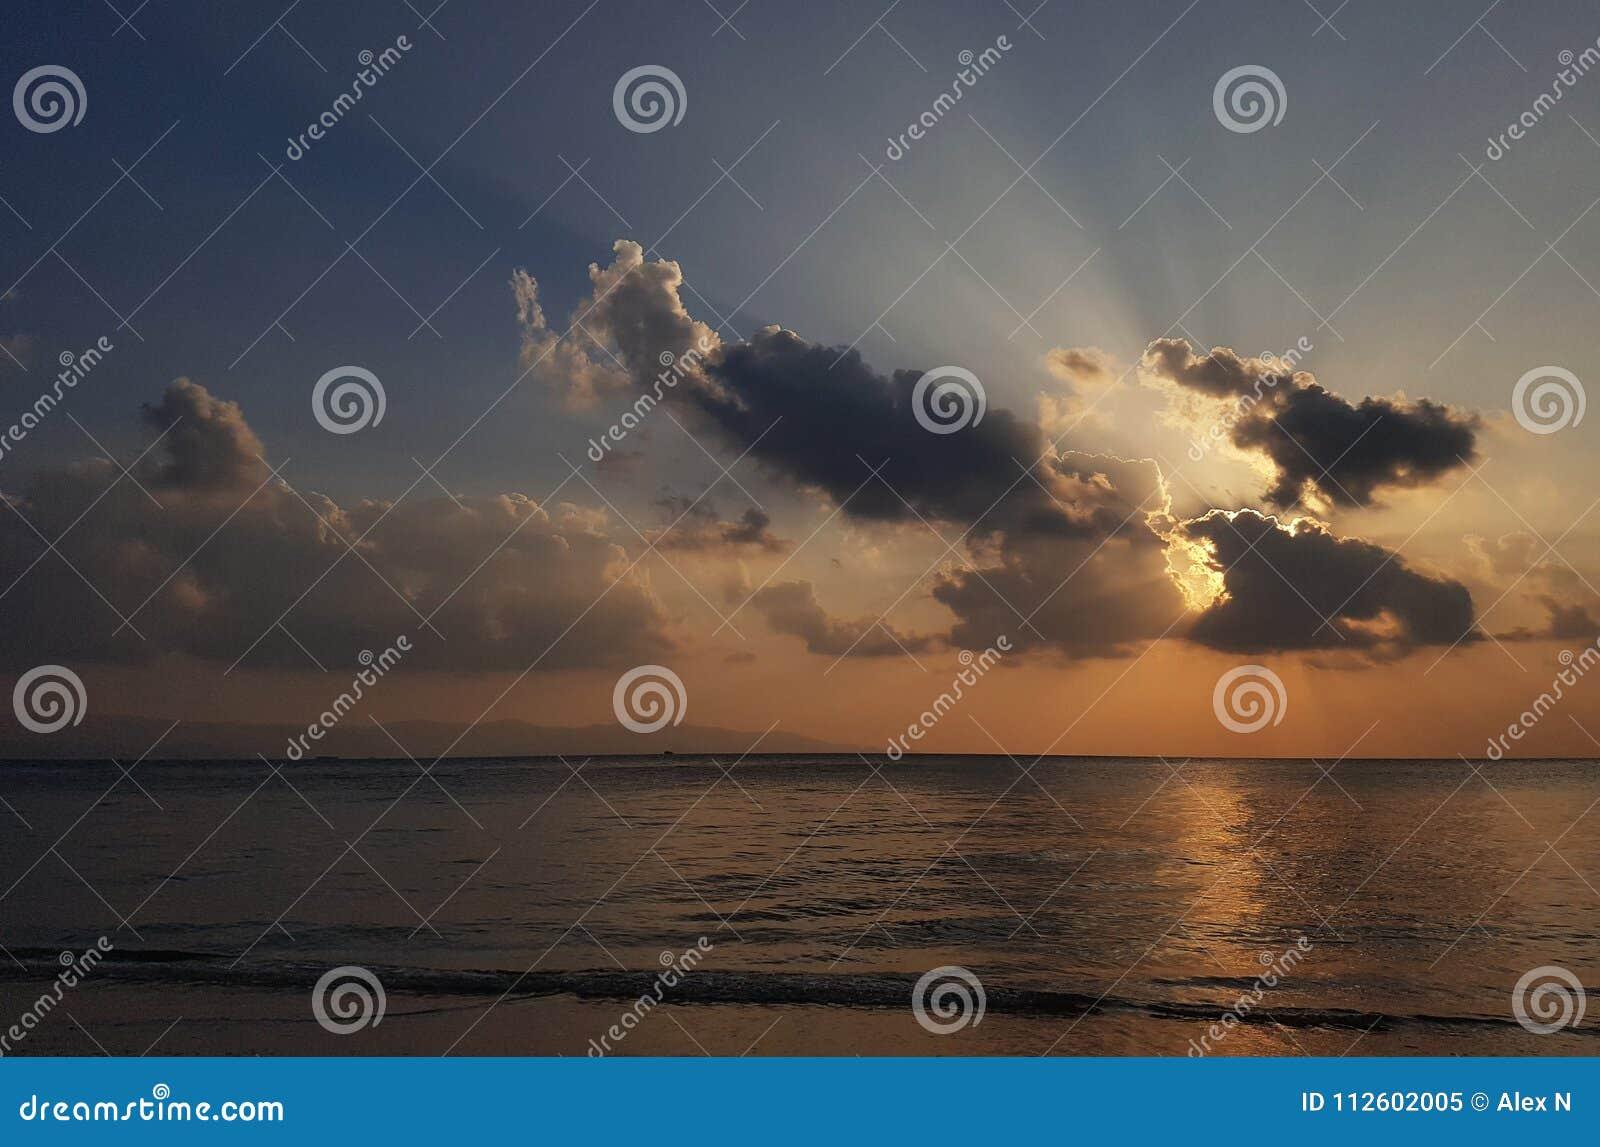 Foto van het gelijk maken van bewolkte hemel en overzeese kust